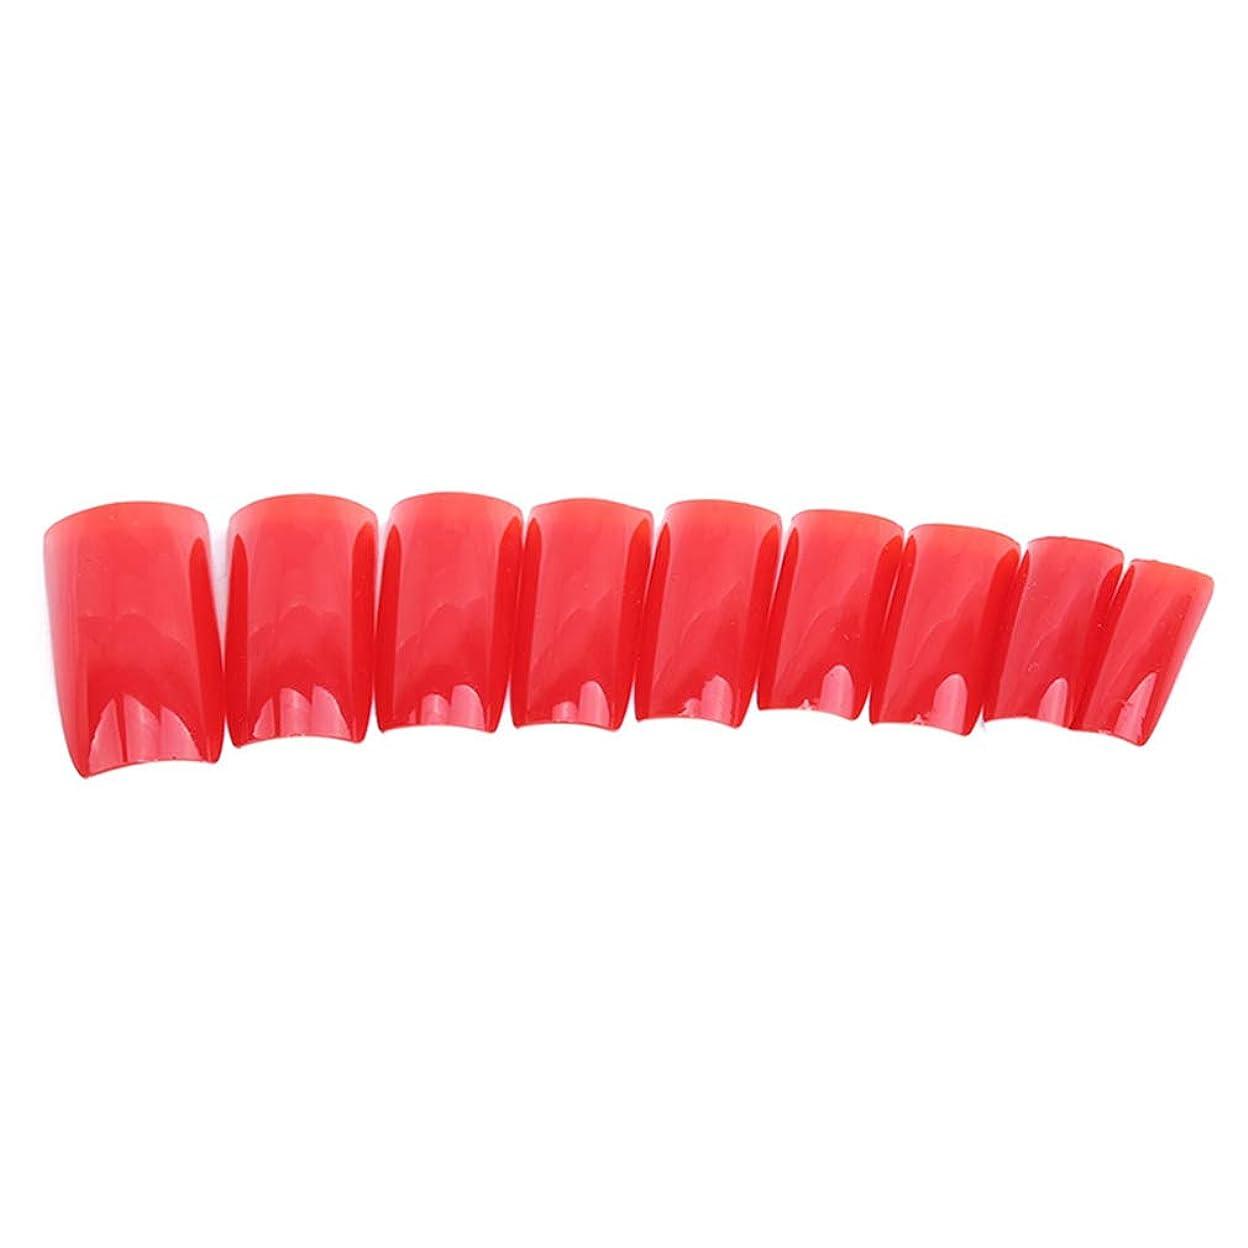 ローラーリスナー立派な火の色 ネイルチップ ネイルケアツール 短い爪 つけ爪 シンプル ネイルアート 結婚式 パーティー 二次会 赤色